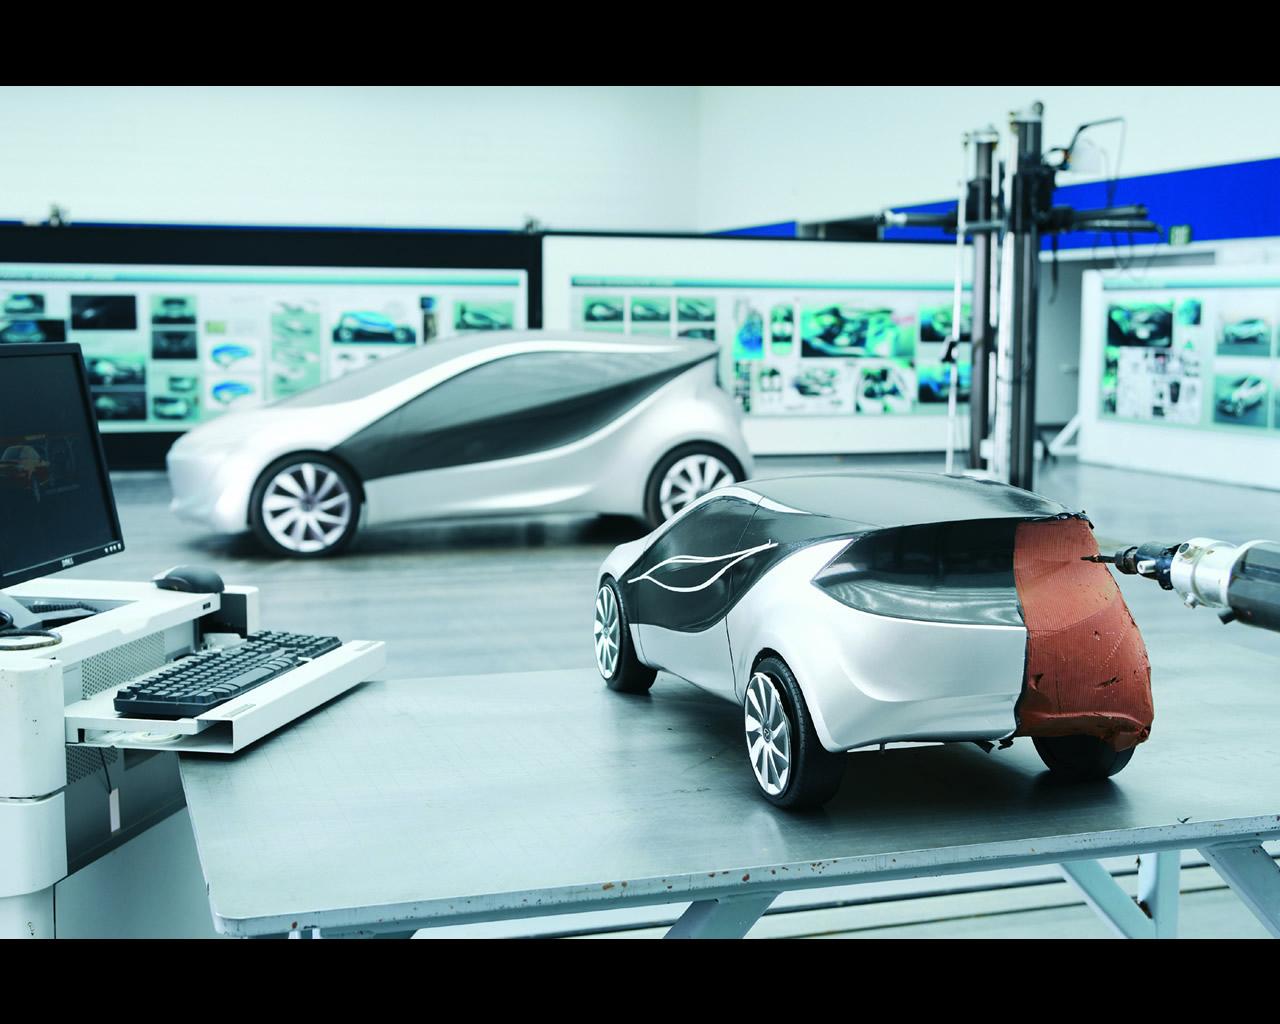 http://autoconcept-reviews.com/cars_reviews/mazda/mazda-kiyora-concept-2008/wallpaper/Mazda_Kiyora_Model2.jpg